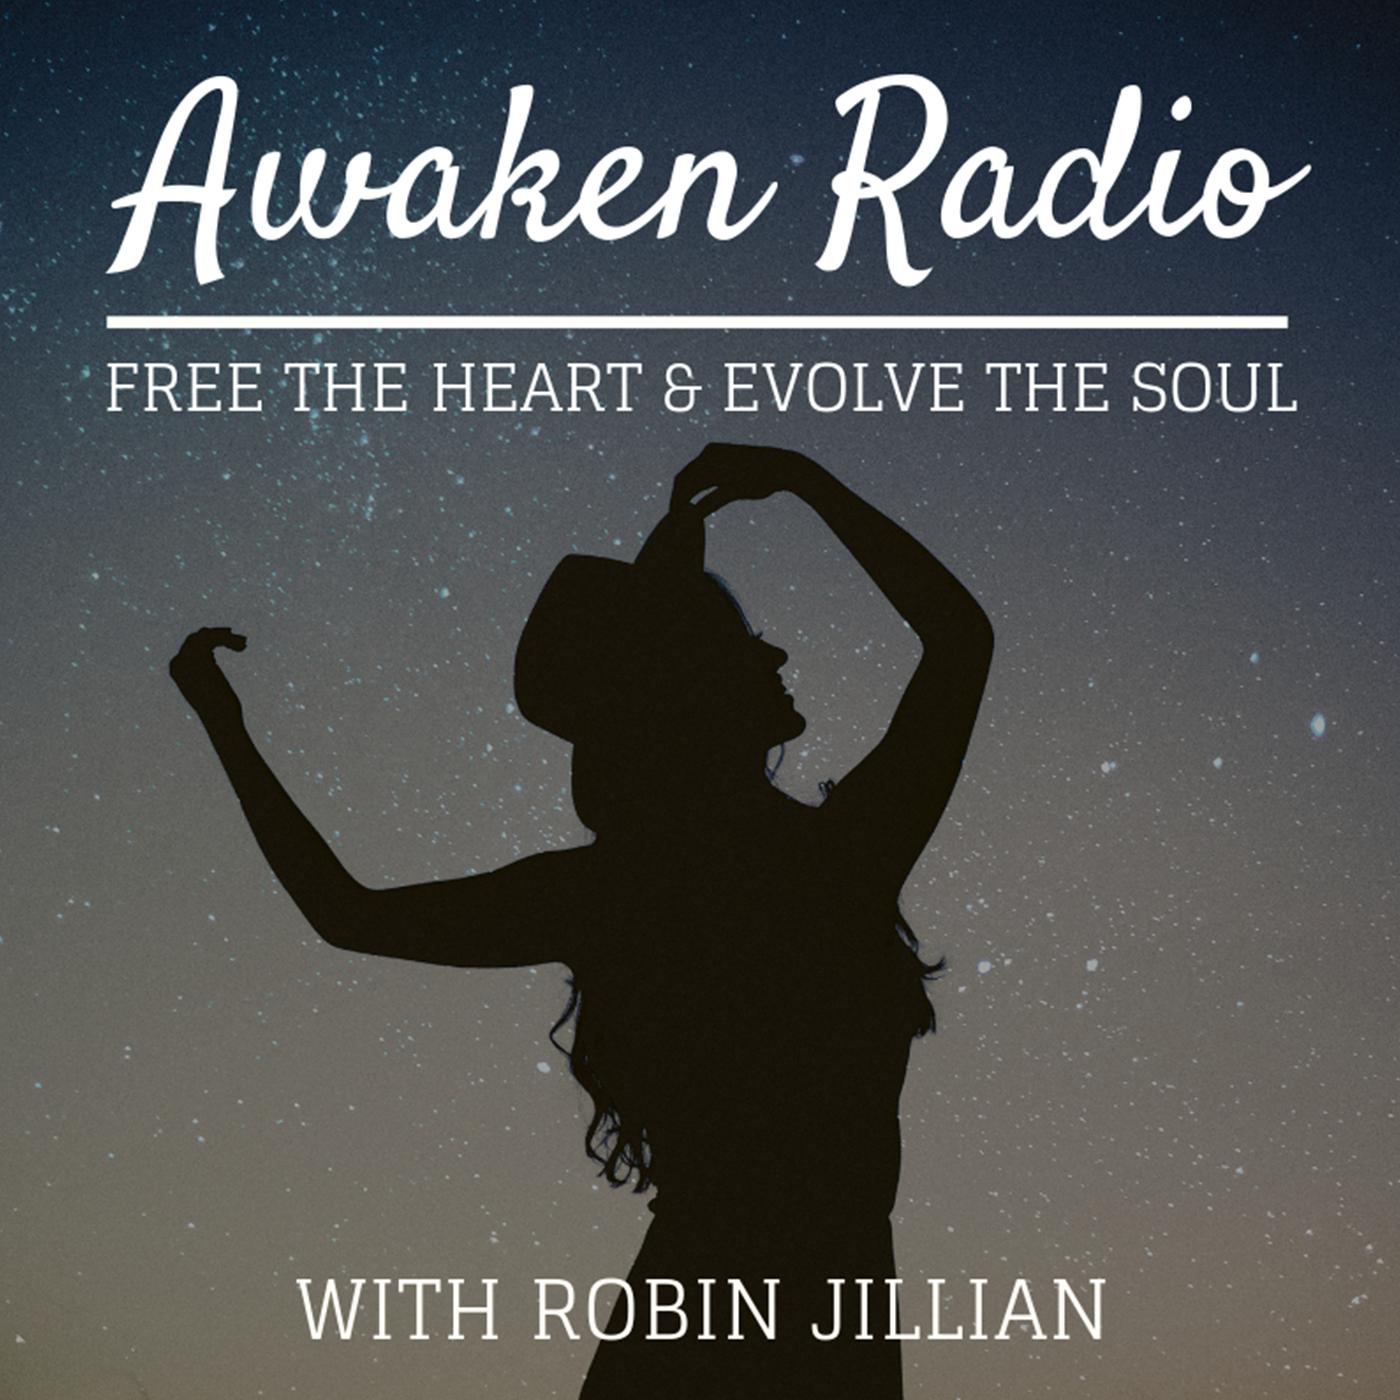 Awaken Radio show art